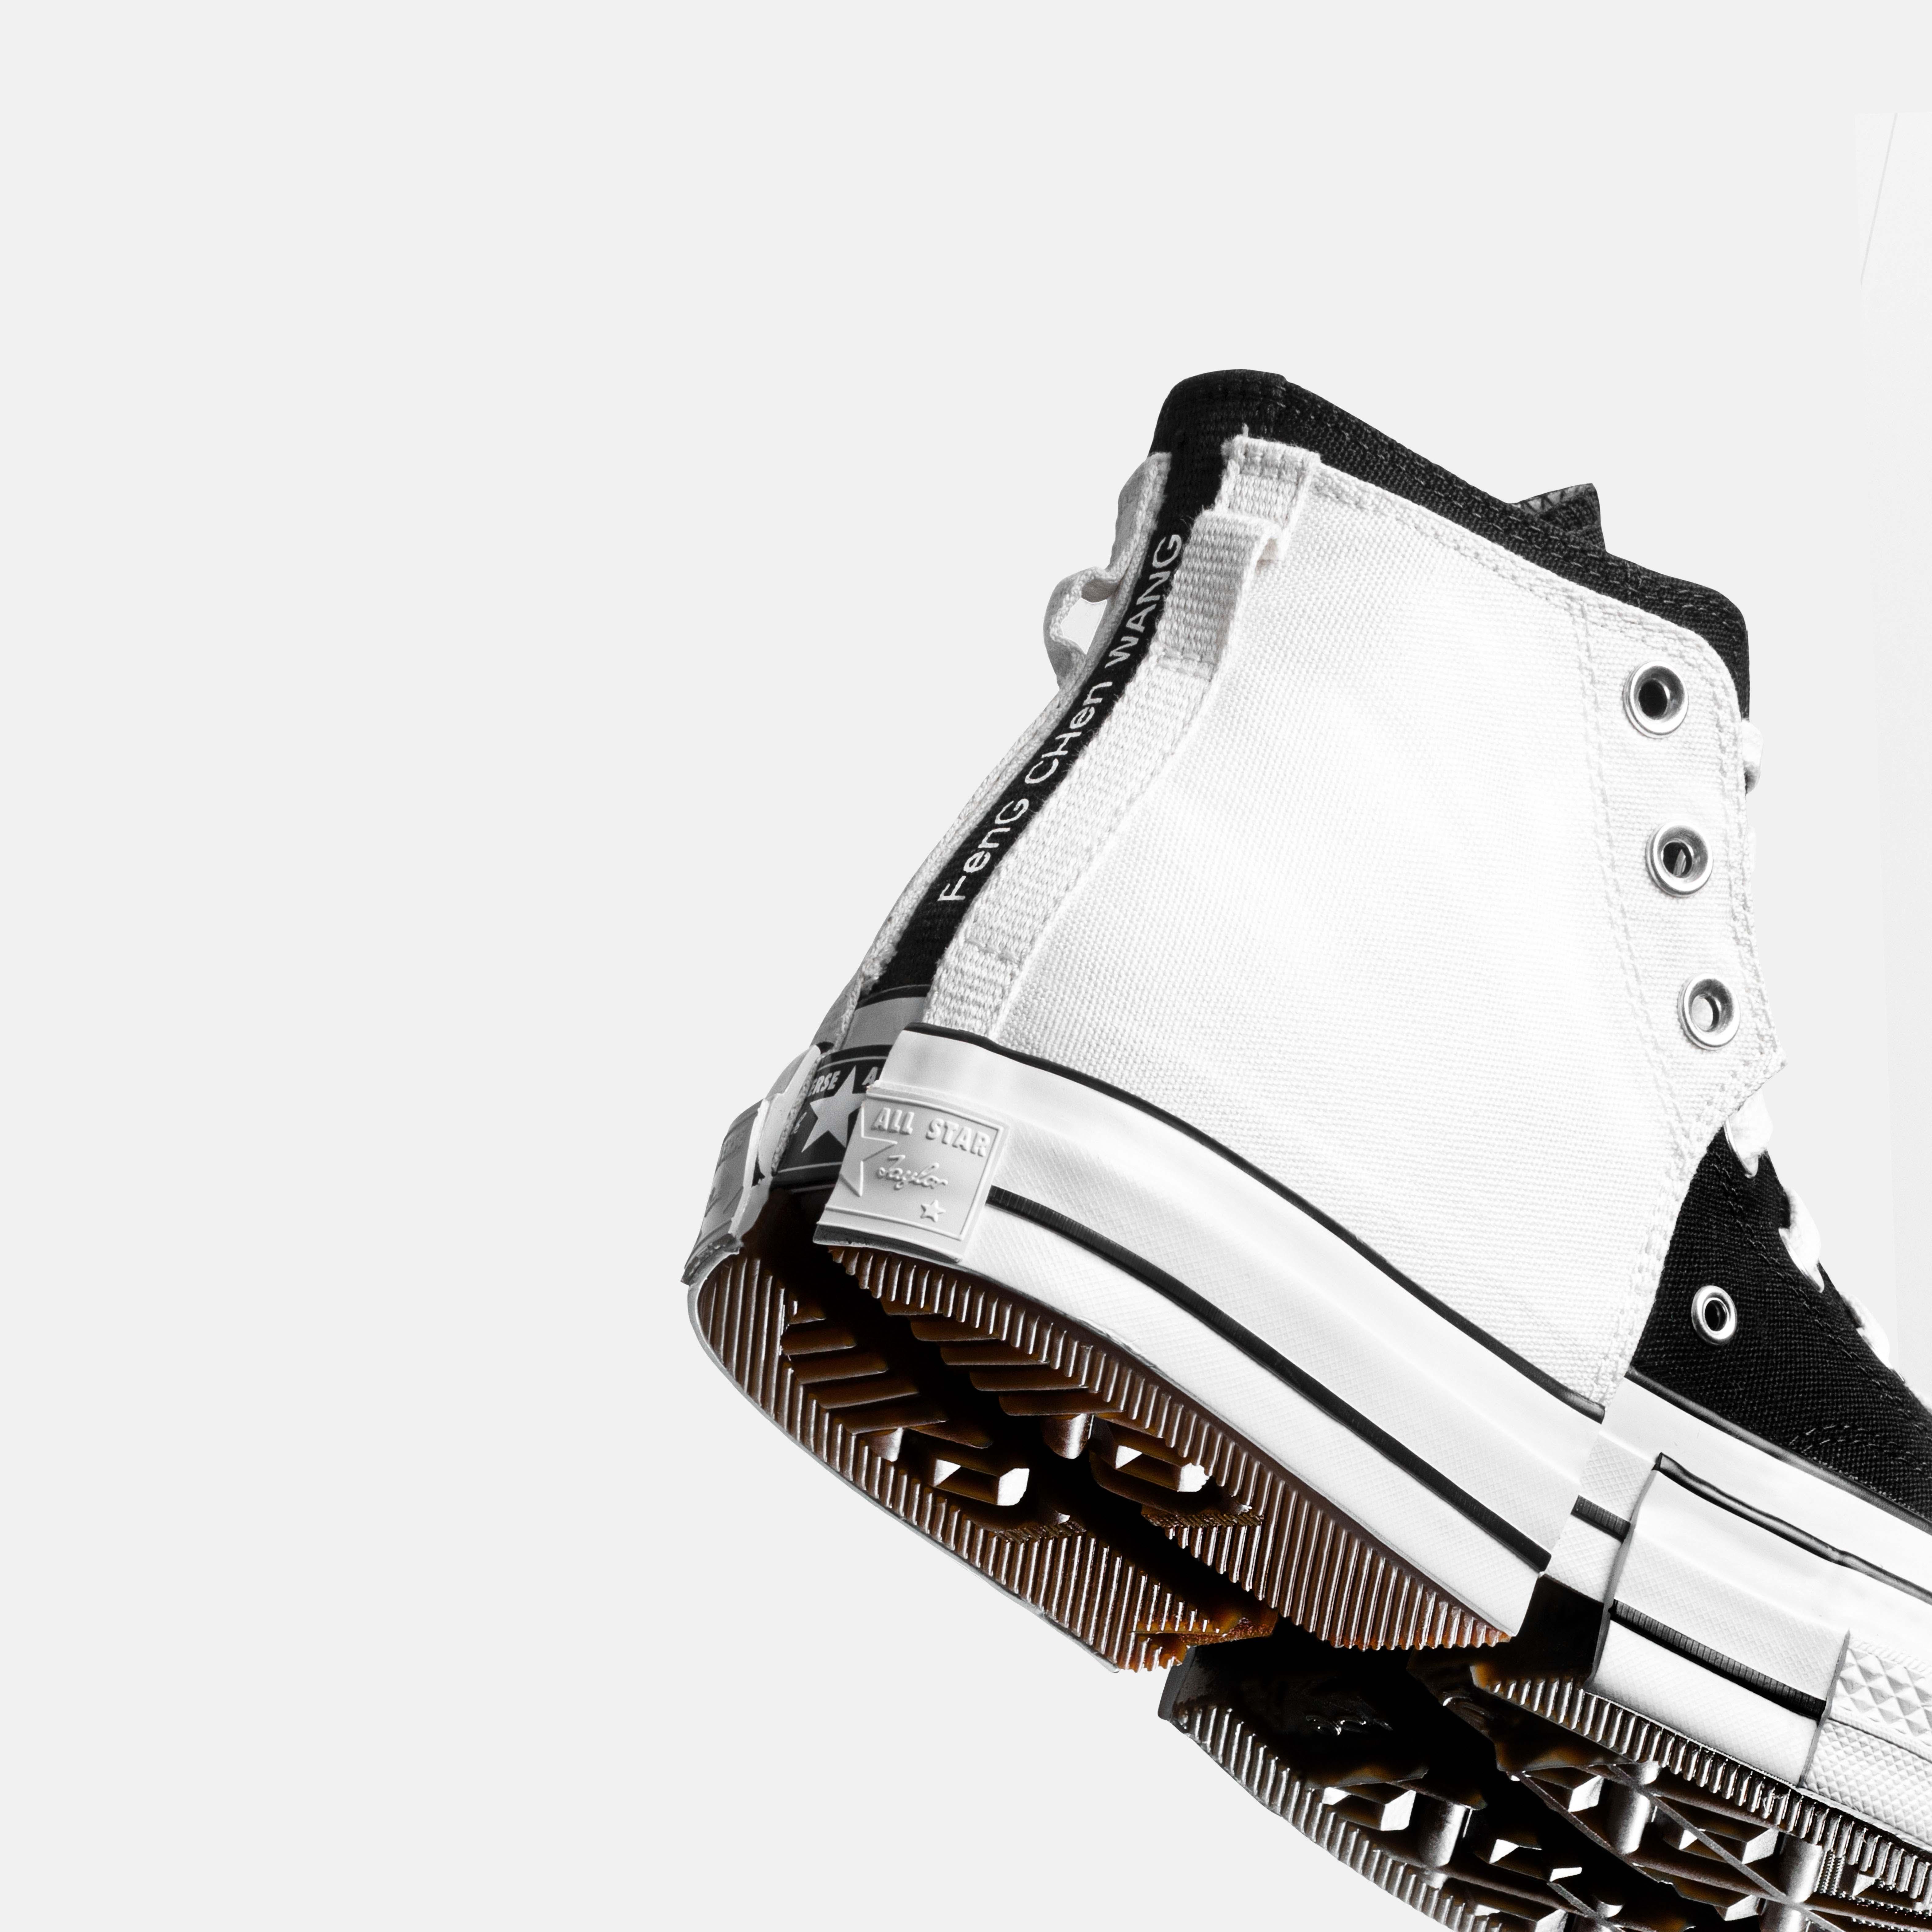 bst converse feng chen wang 2-in-1 phối 2 màu trắng đen gót giày